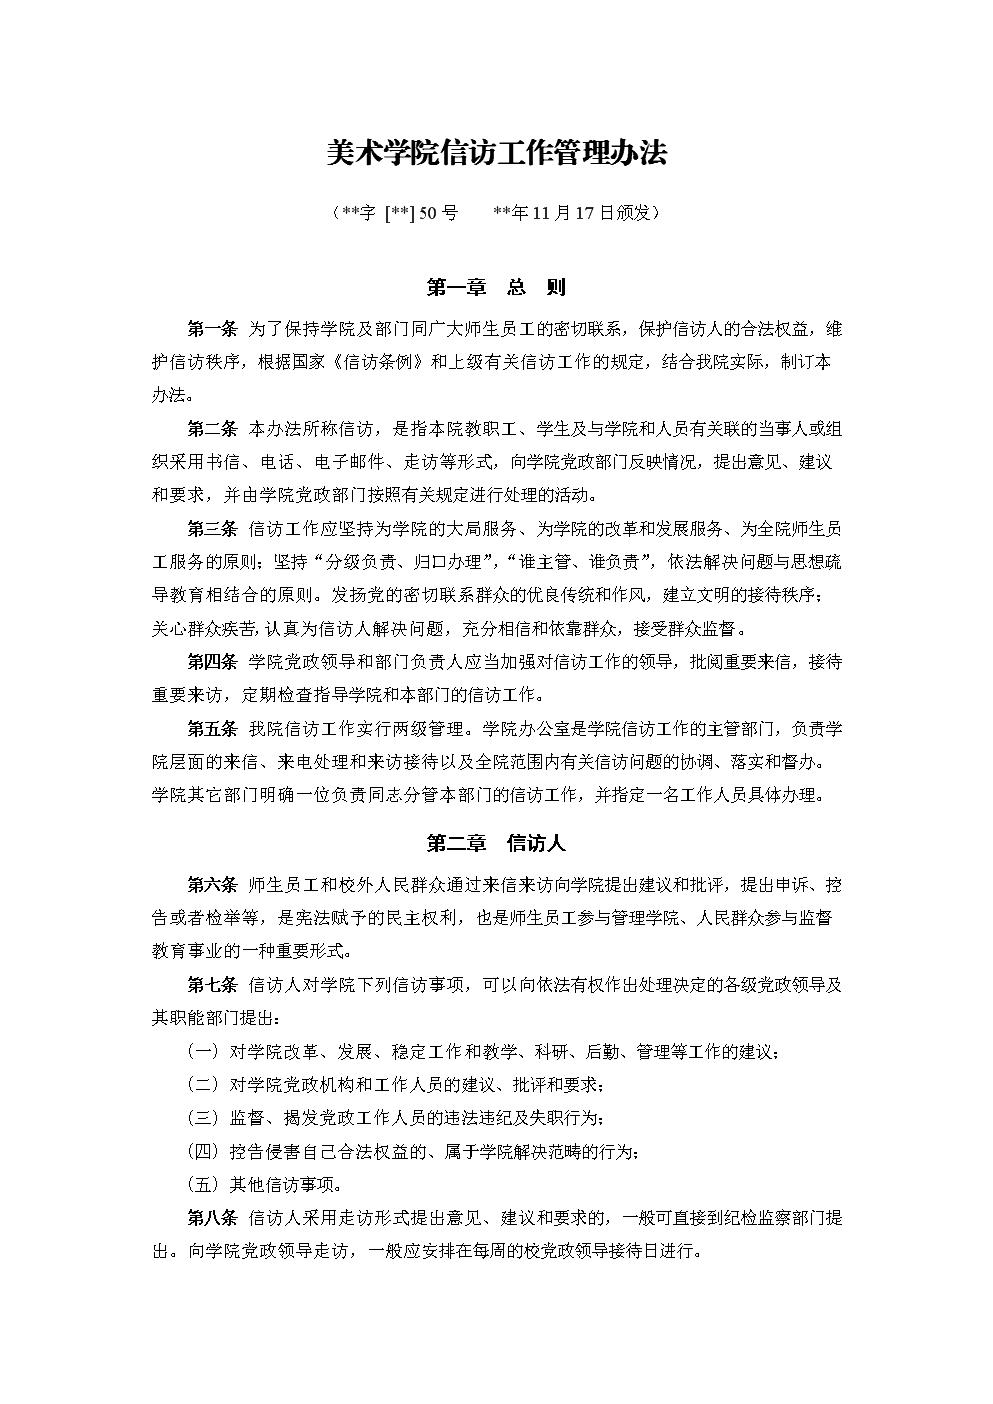 美术学院信访工作管理办法模版.docx